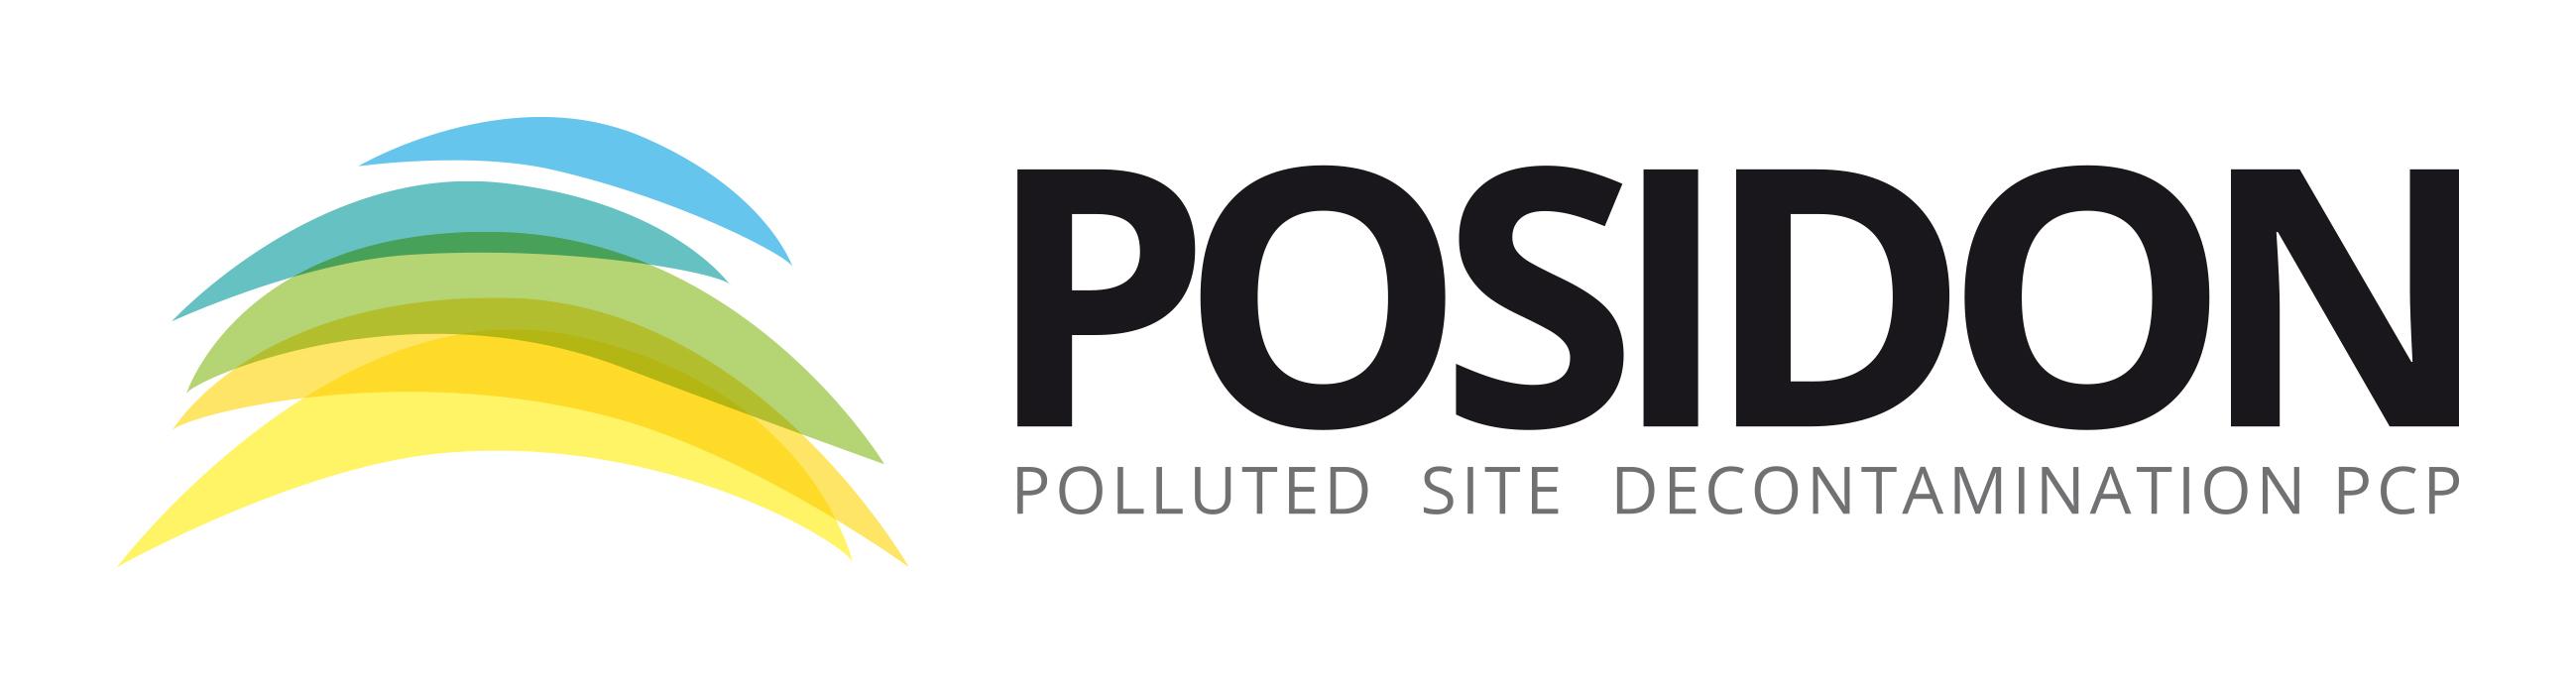 POSIDON PCP